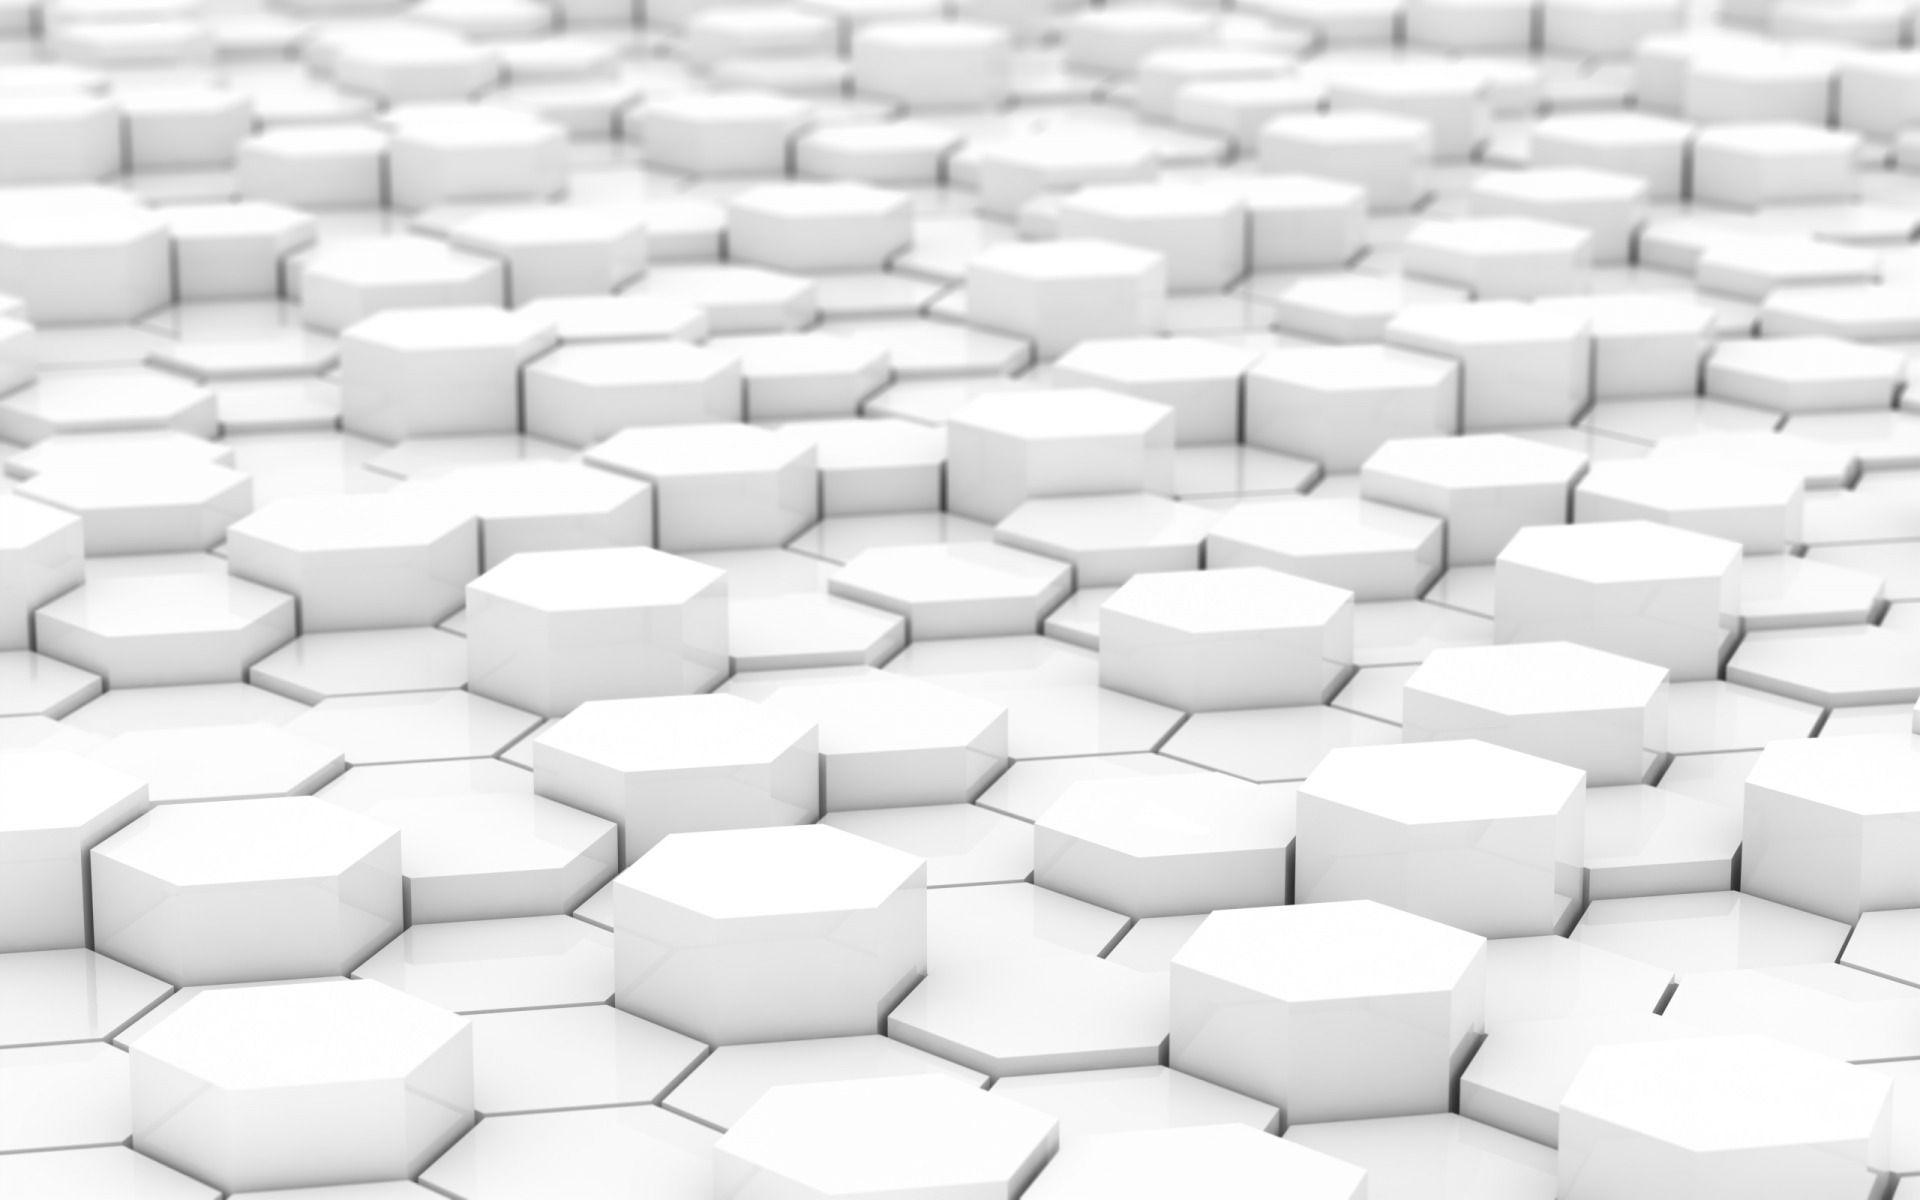 Plain White Desktop Wallpaper Best Wallpaper Hd Hexagon Wallpaper White Wallpaper White Background Wallpaper Abstract white wallpaper light